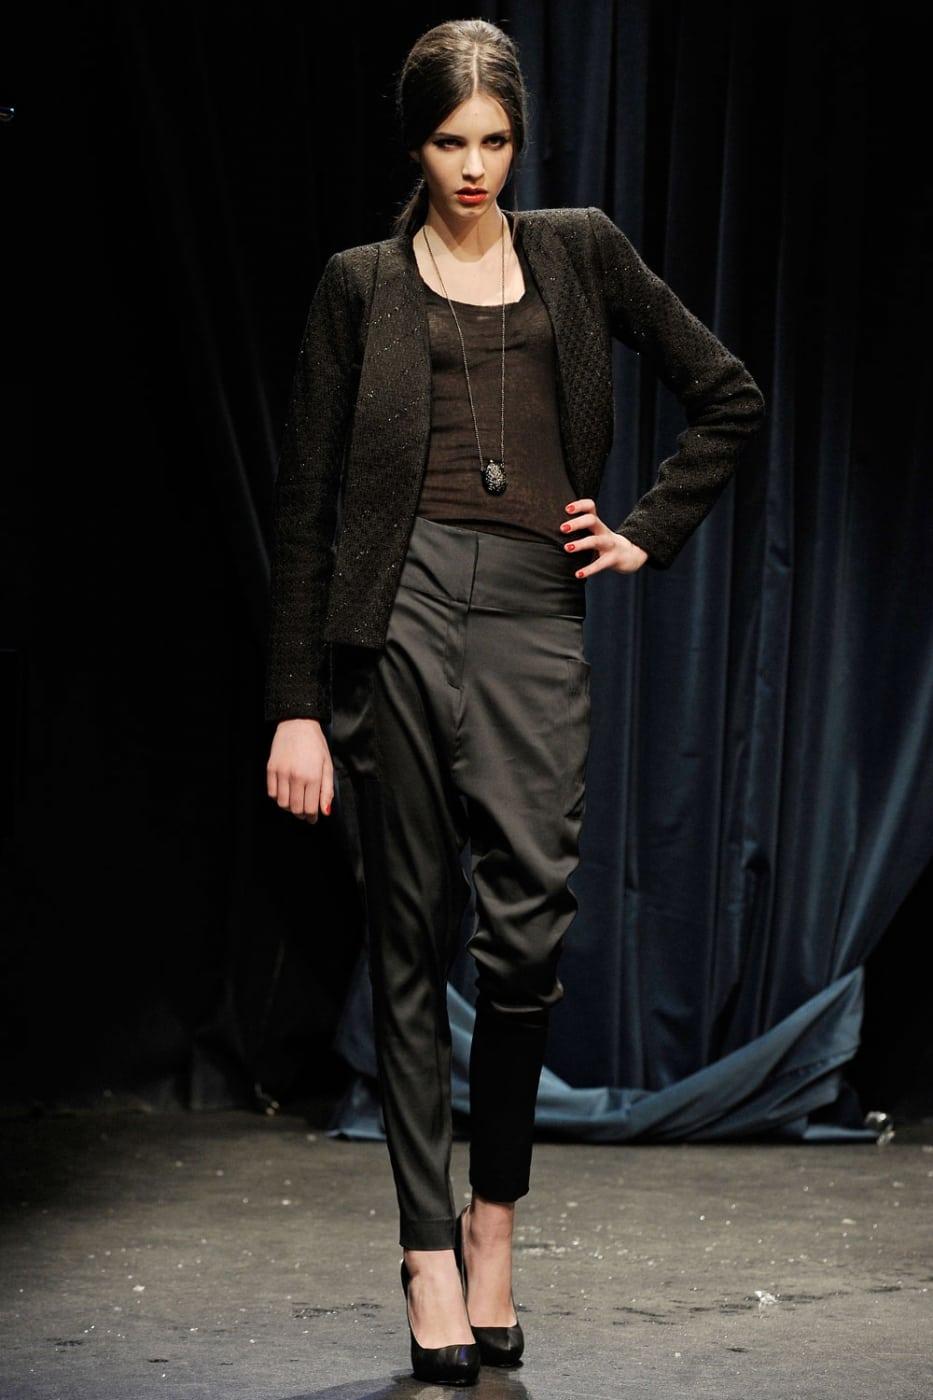 Ms. Dandy by Margit Brandt